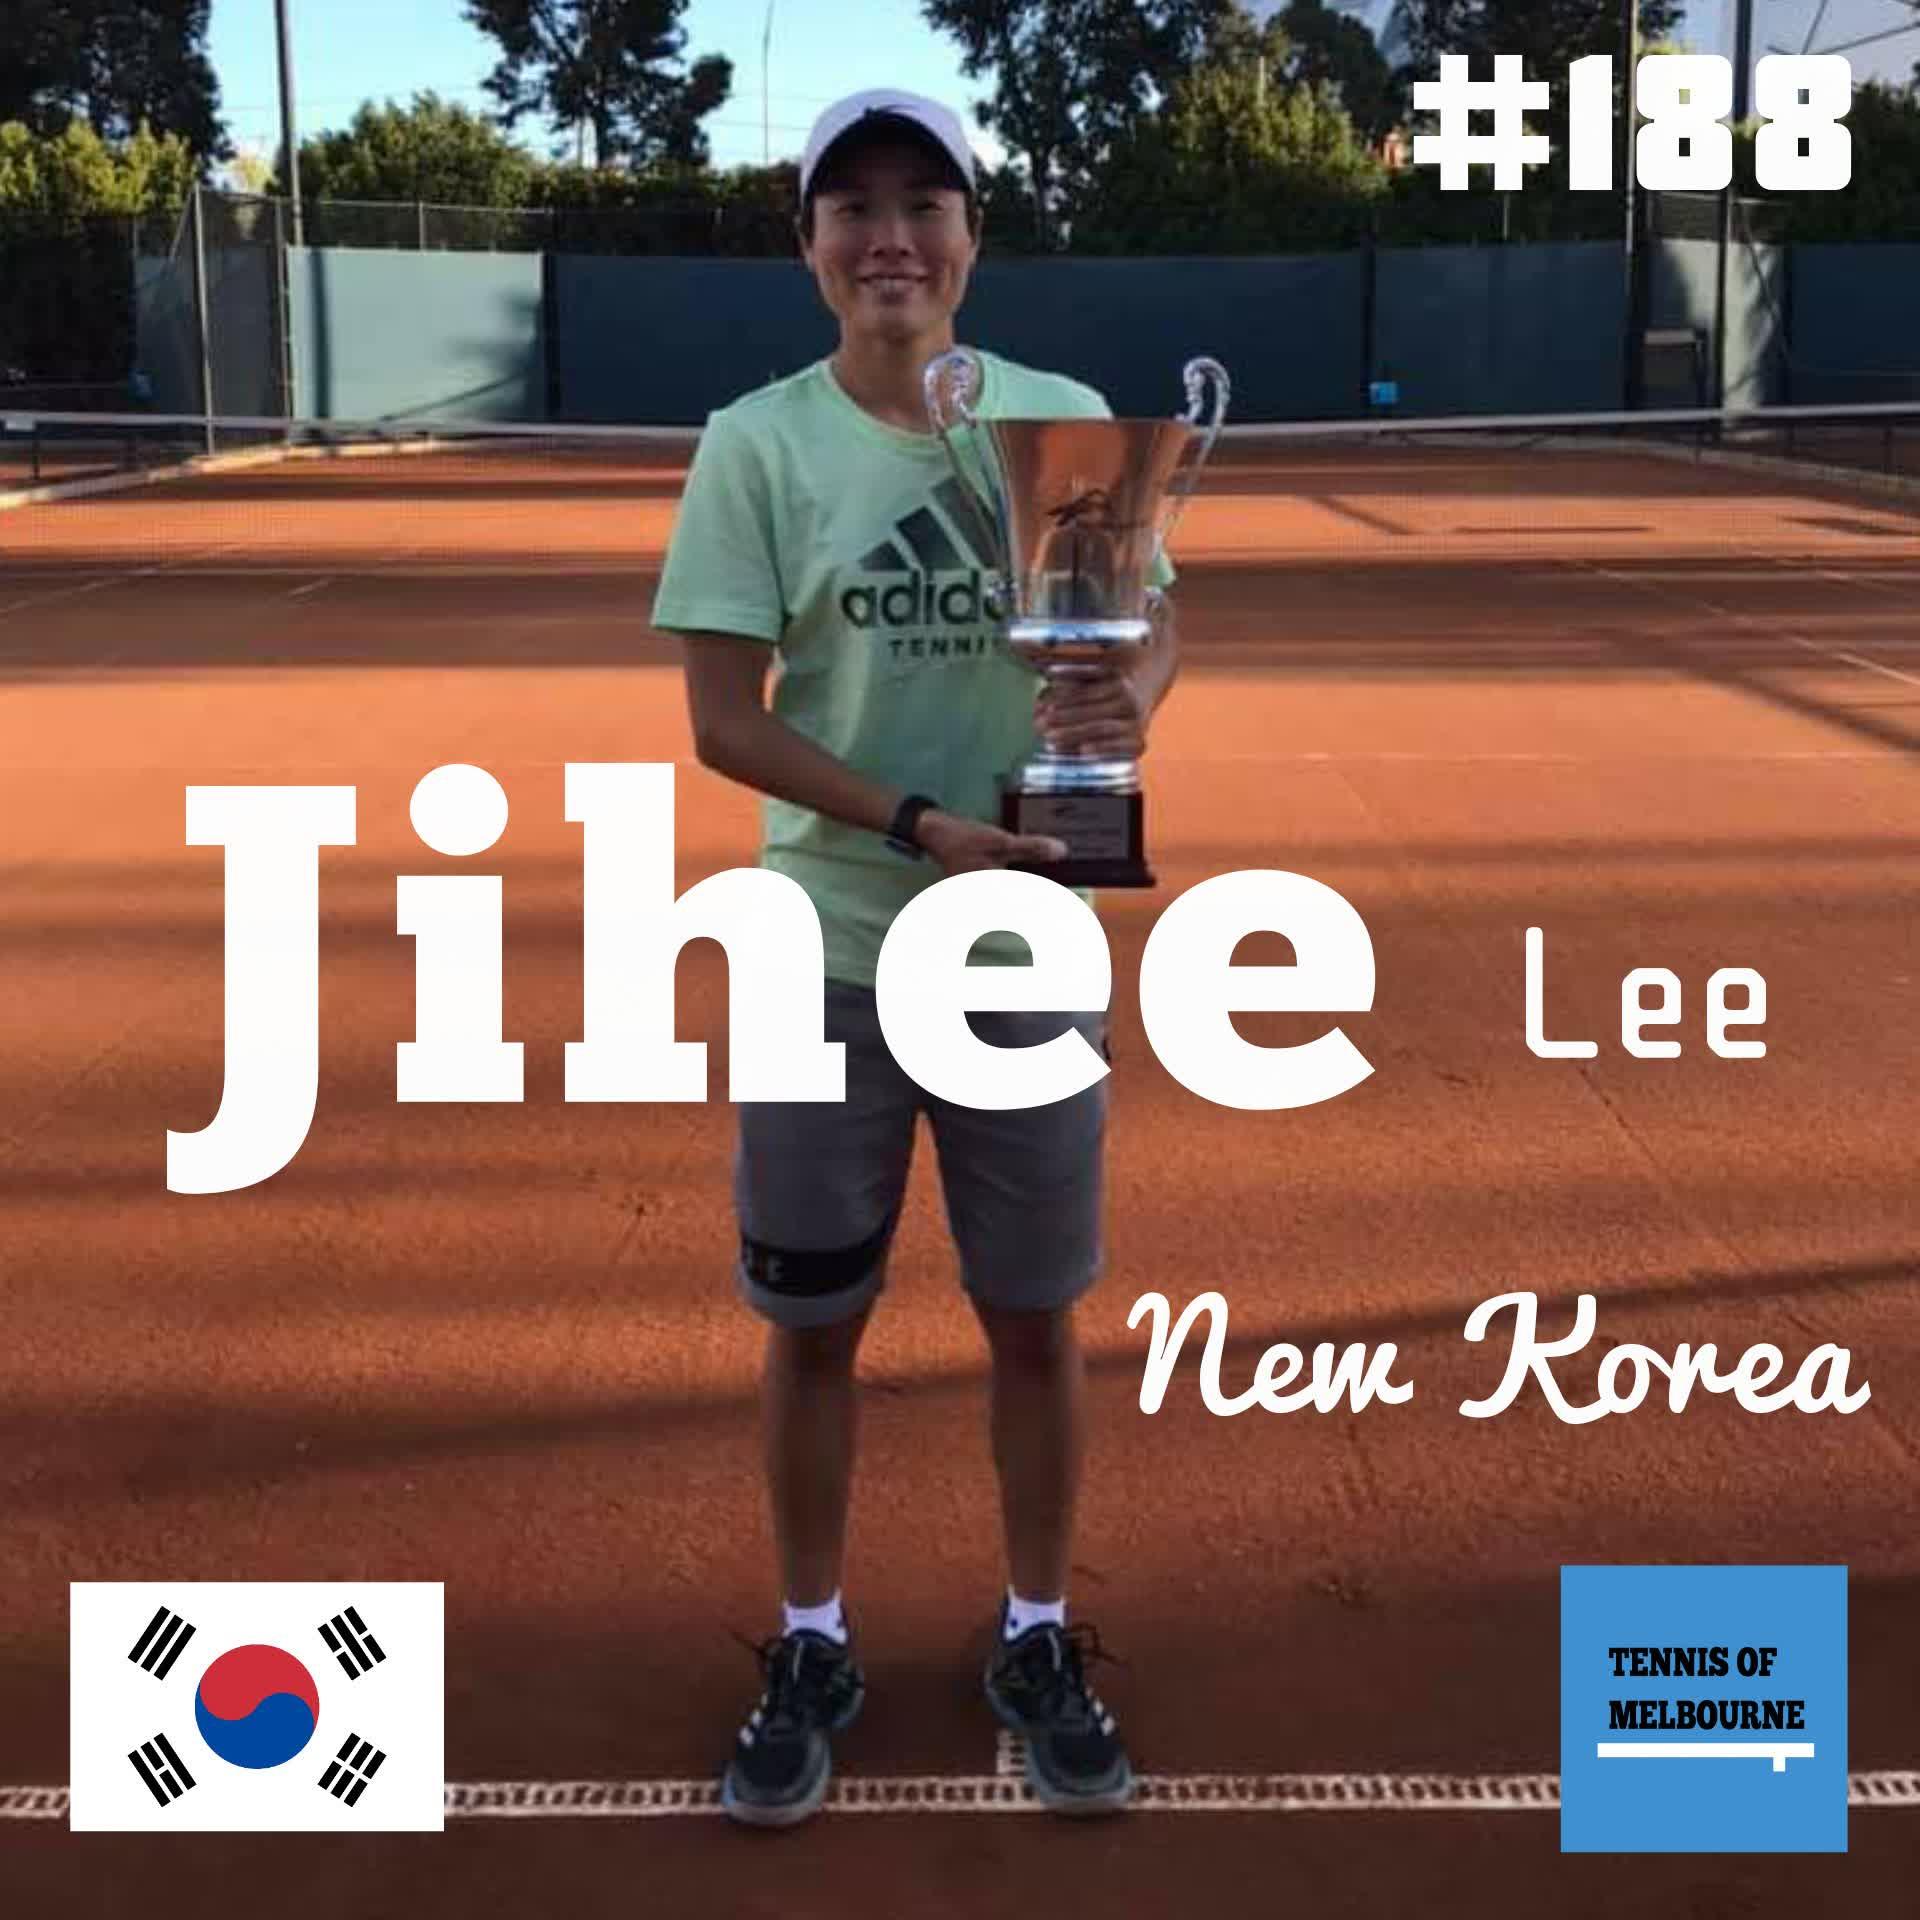 #188 Jihee Lee | New Korea